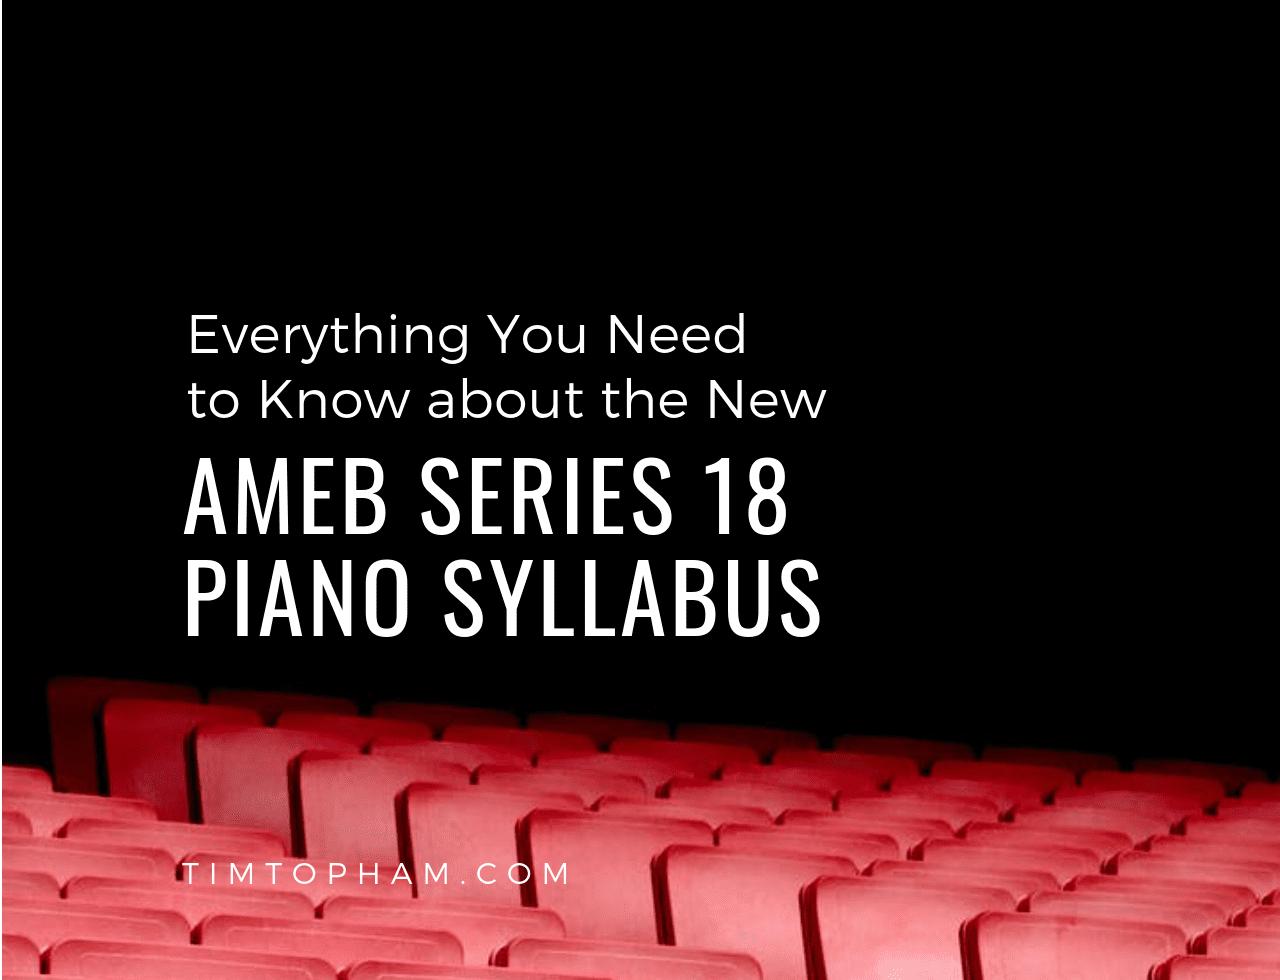 AMEB Series 18 Piano